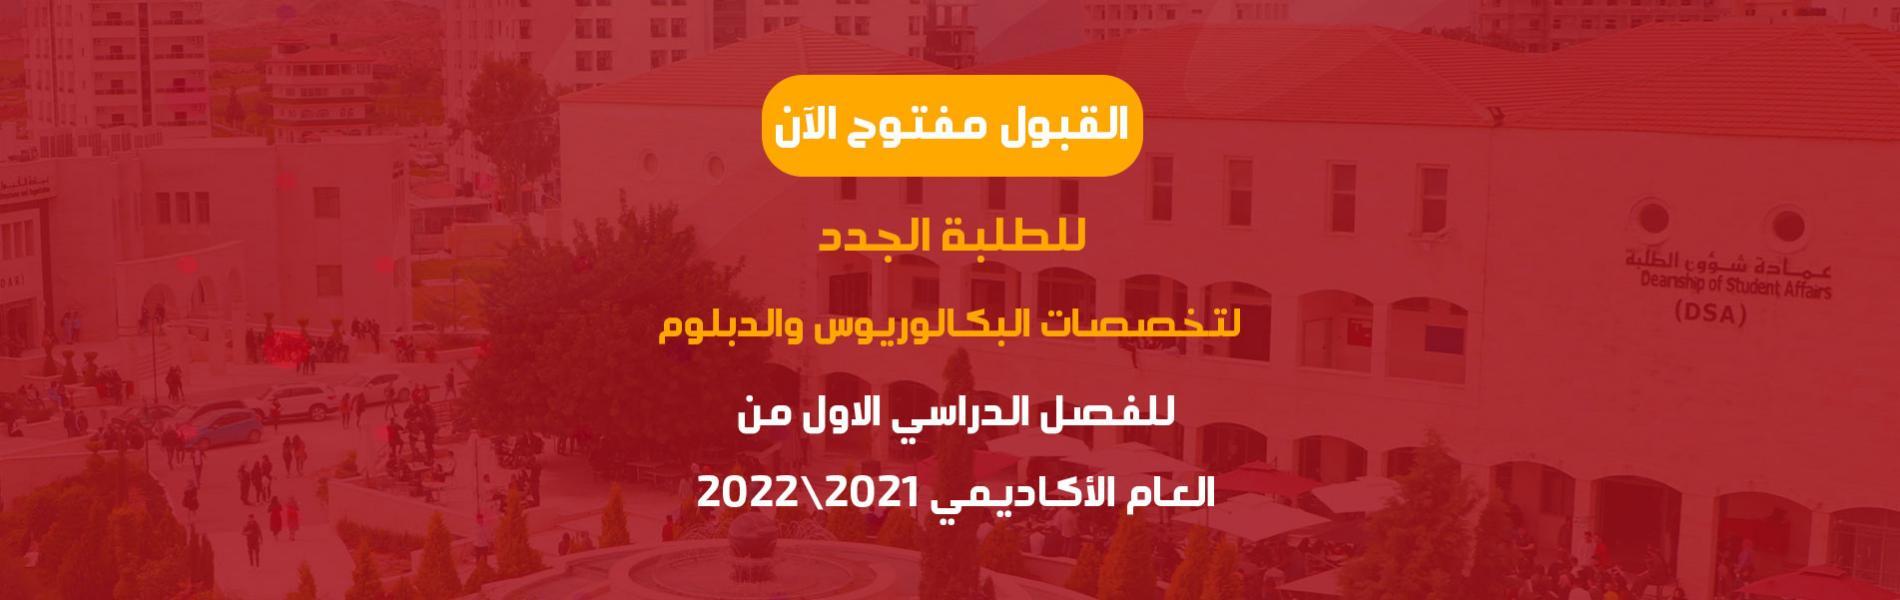 إعلان بدء قبول طلبات الالتحاق لدرجة البكالوريوس والدبلوم المتوسط ودبلوم التأهيل التربوي للفصل الدراس